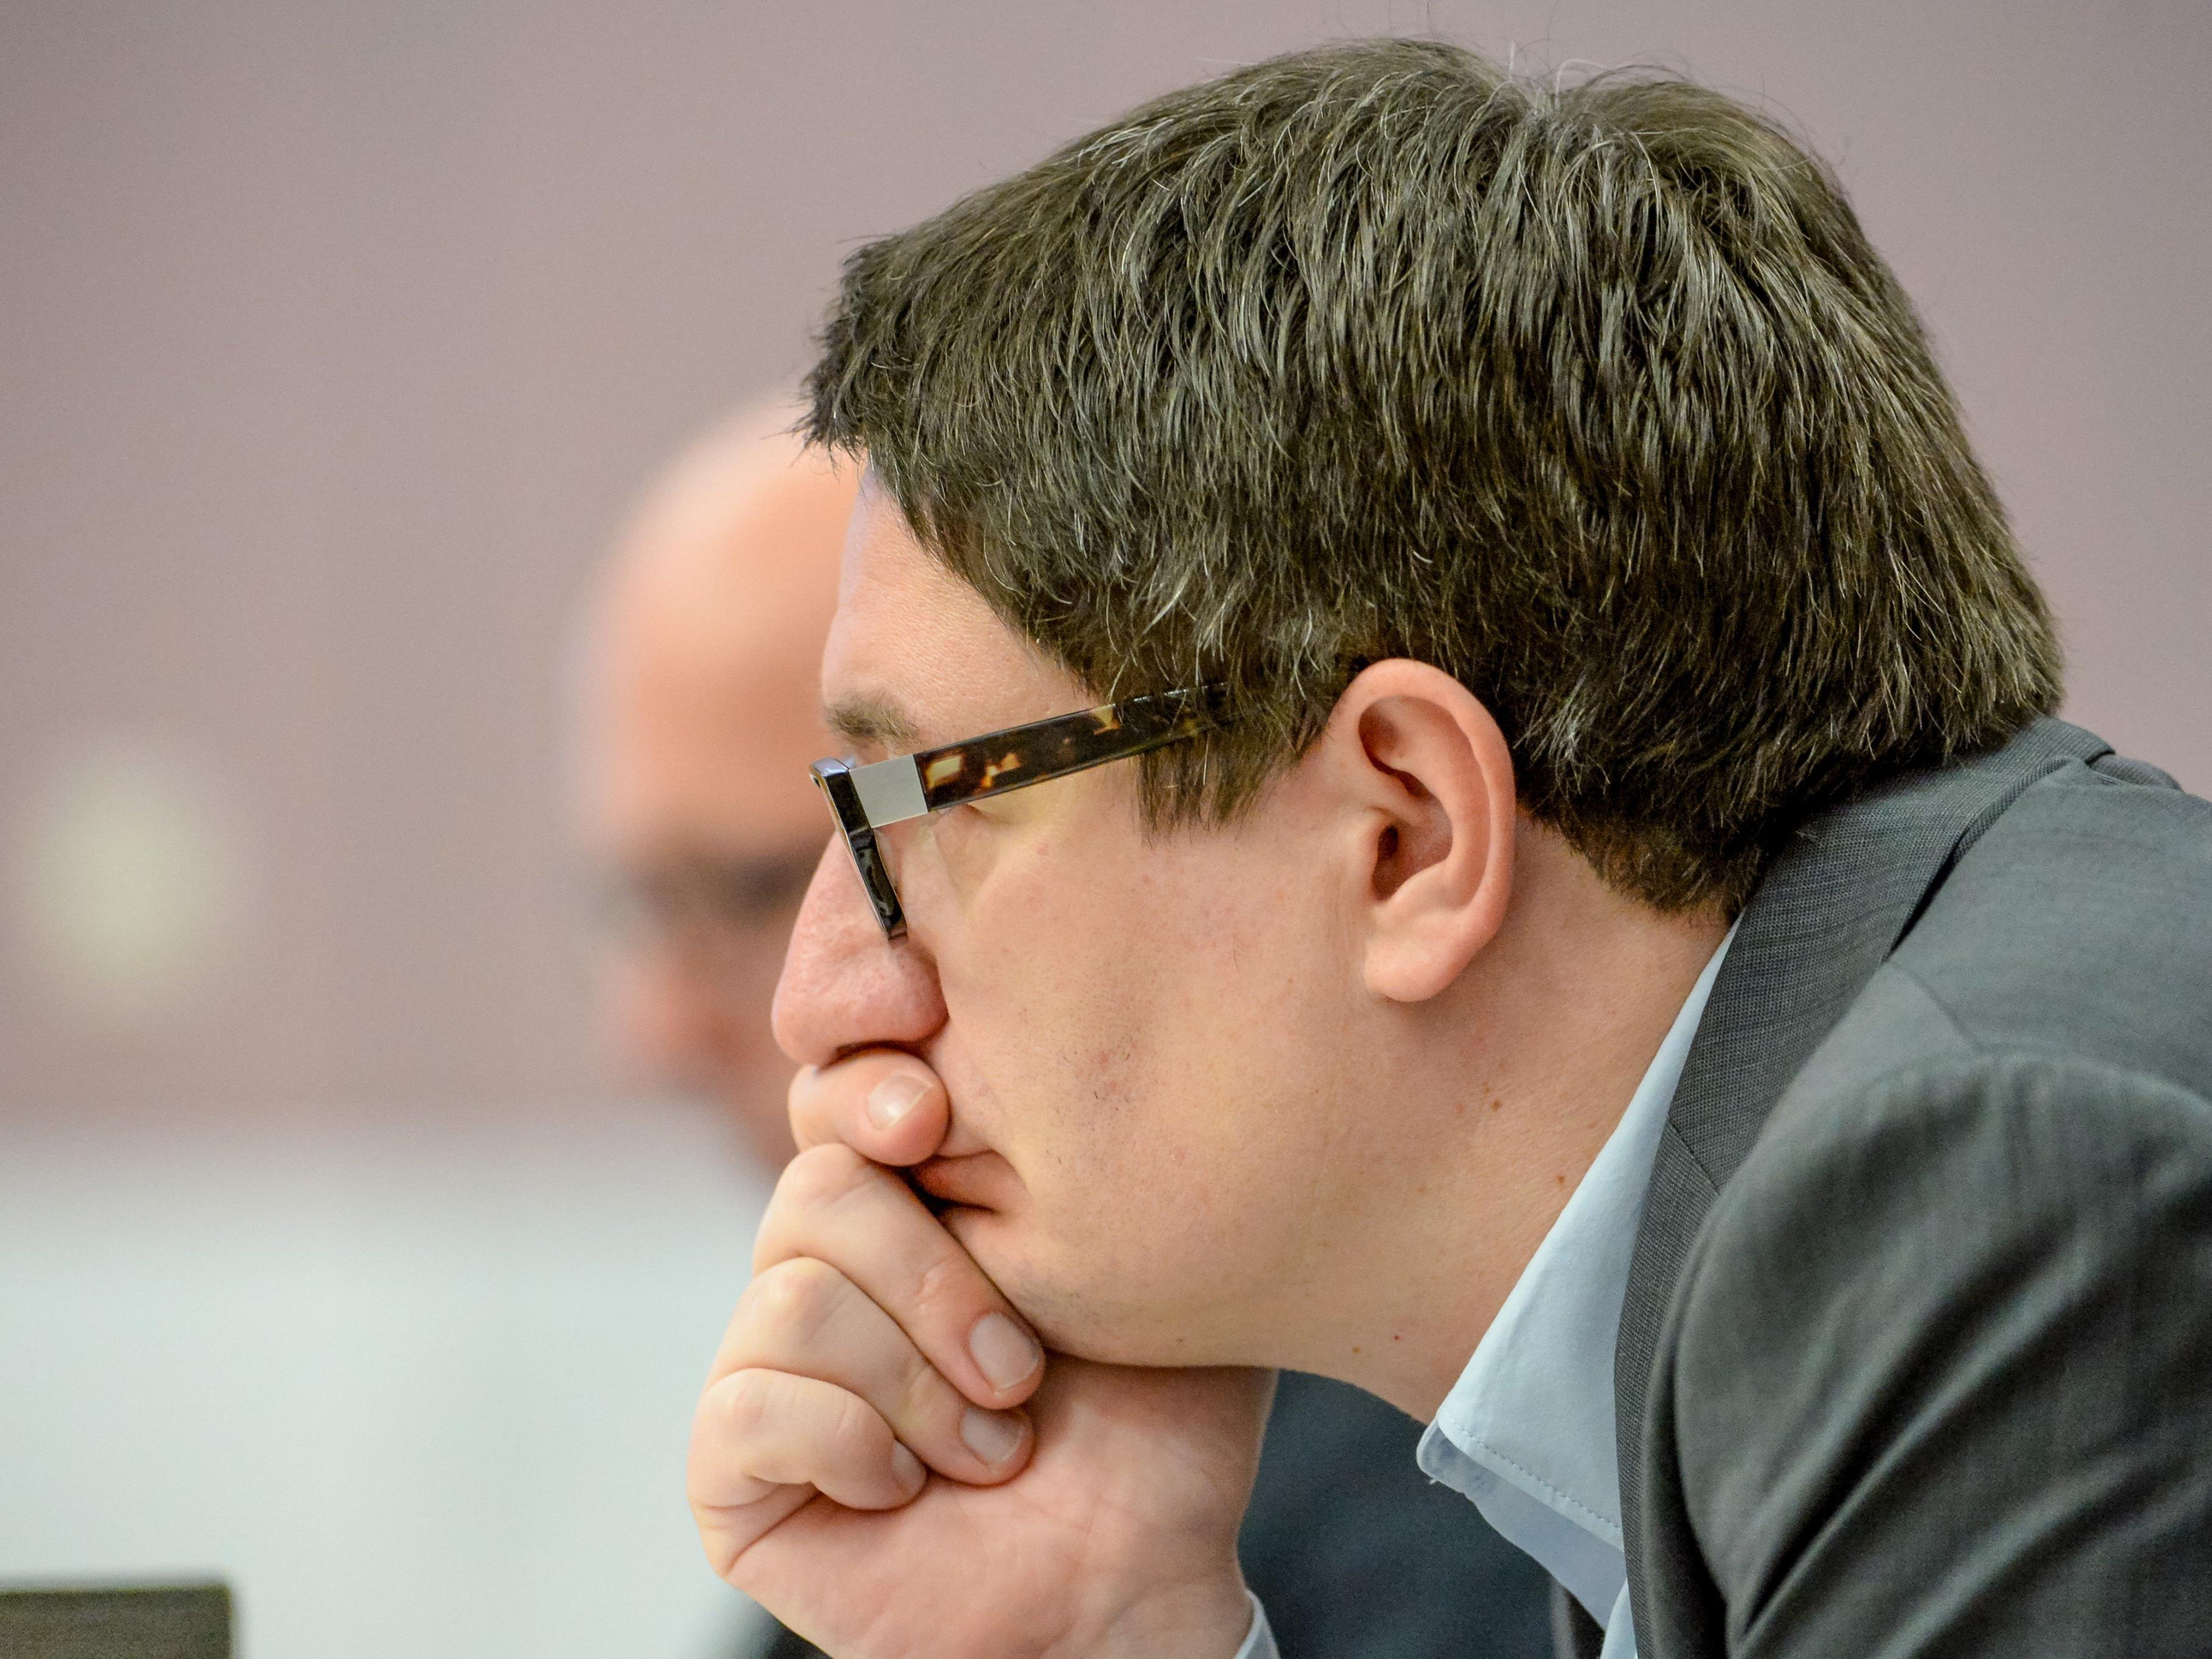 SPÖ-Landtagsabgeordneter Reinhold Einwallner kontert die Kritik von VP-Klubobmann Roland Frühstück gegenüber SPÖ-Parteichef Michael Ritsch.